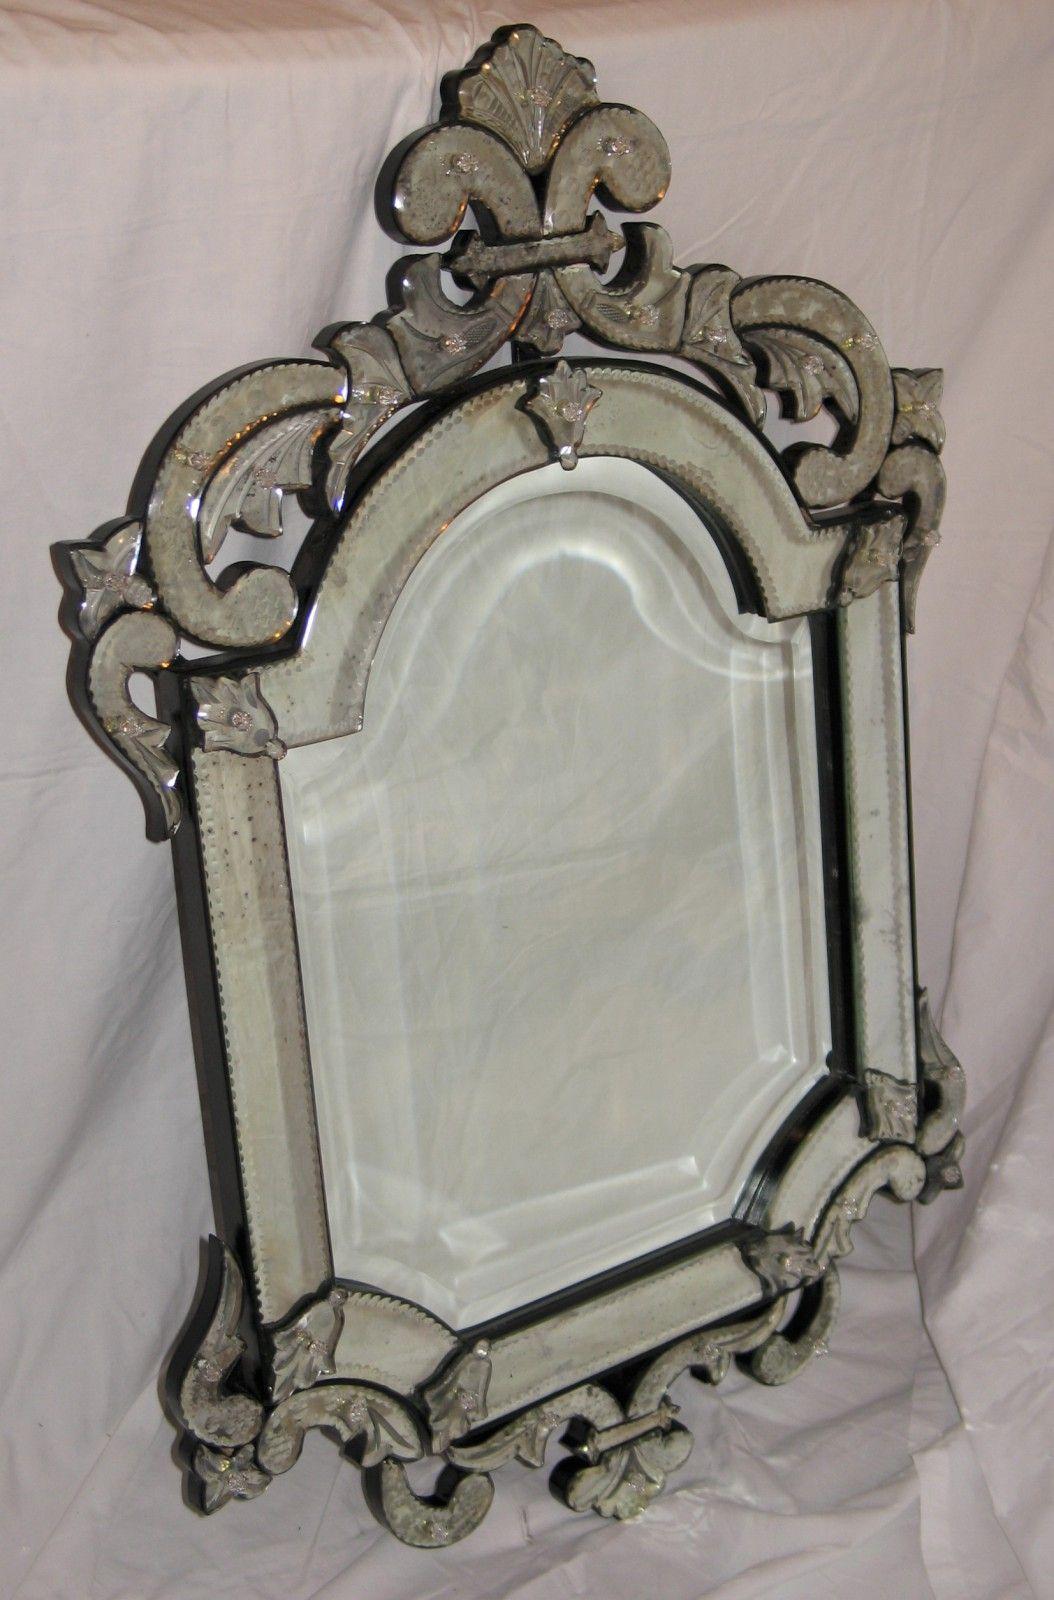 Le miroir v nitien l 39 honneur miroir de venise for Miroir venitien